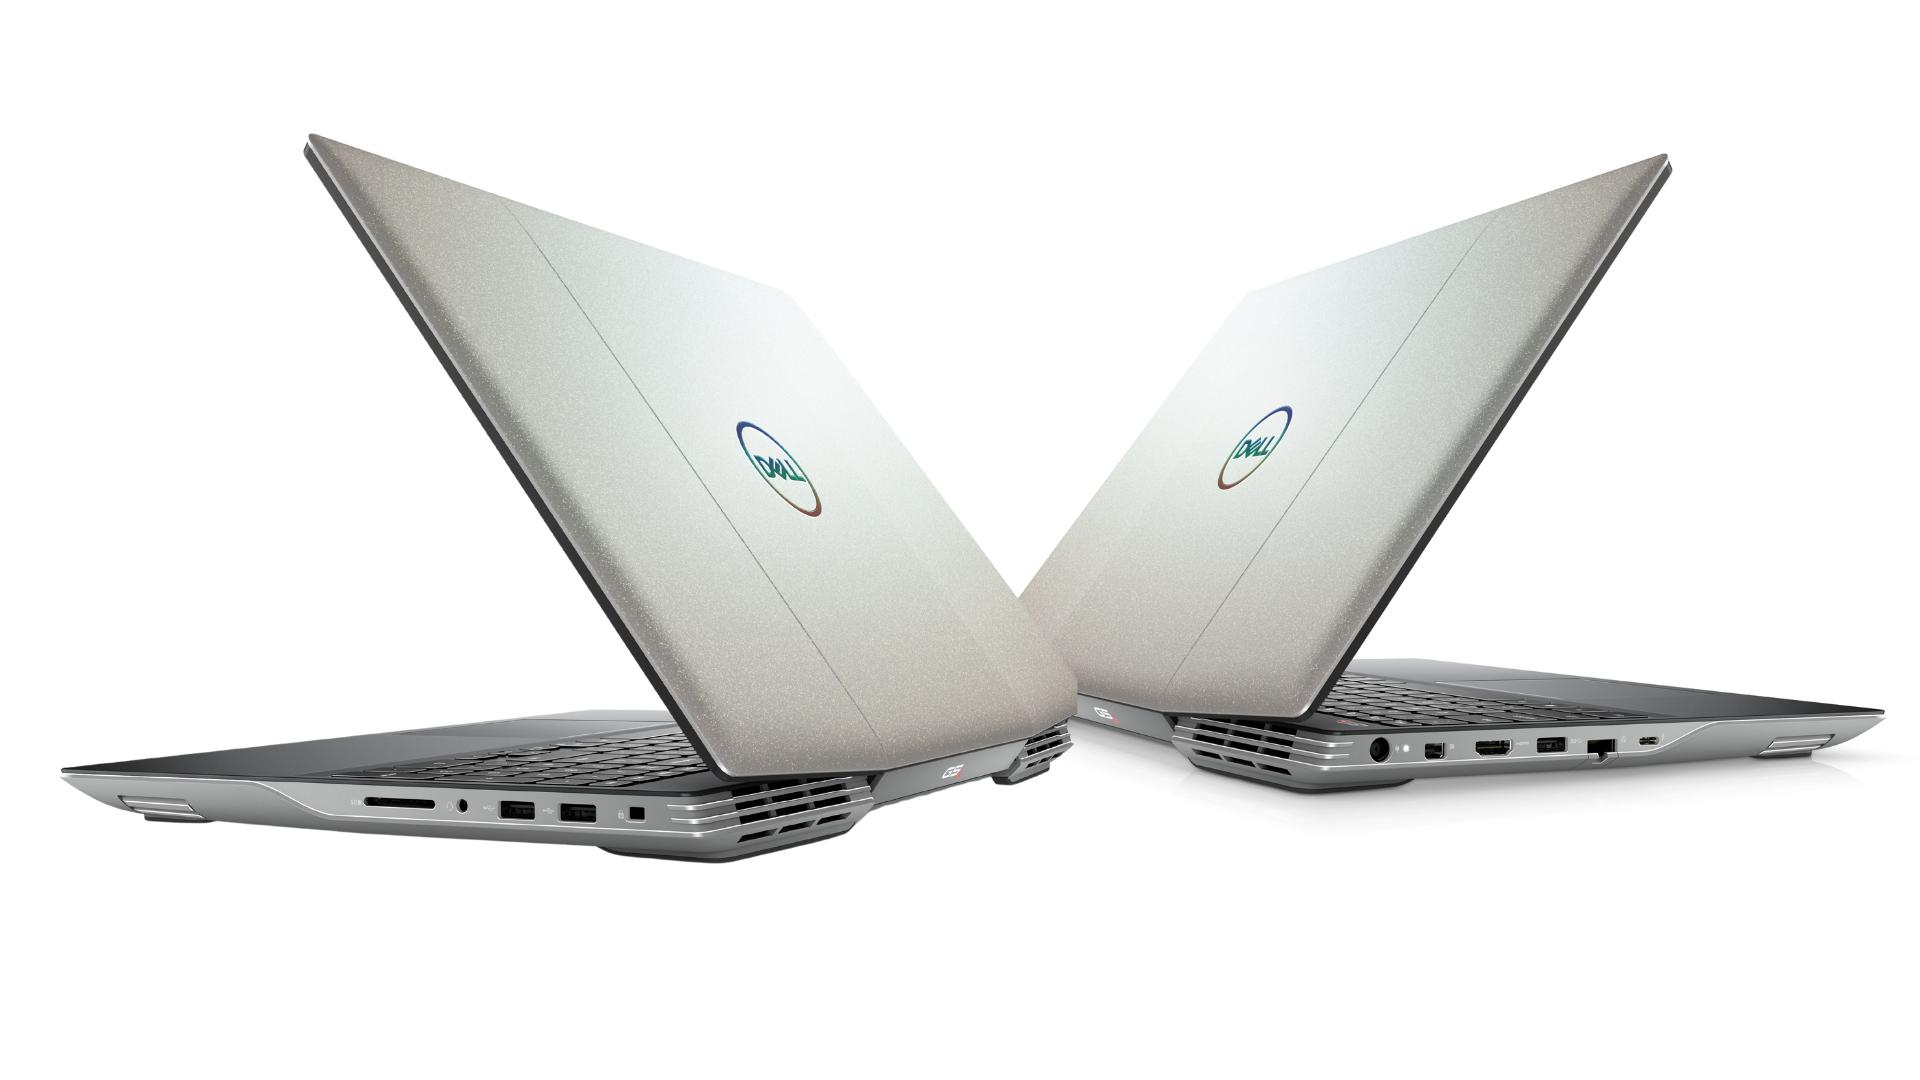 Port_Dell_G5_SE_5505_15_inch_2021_laptopvang